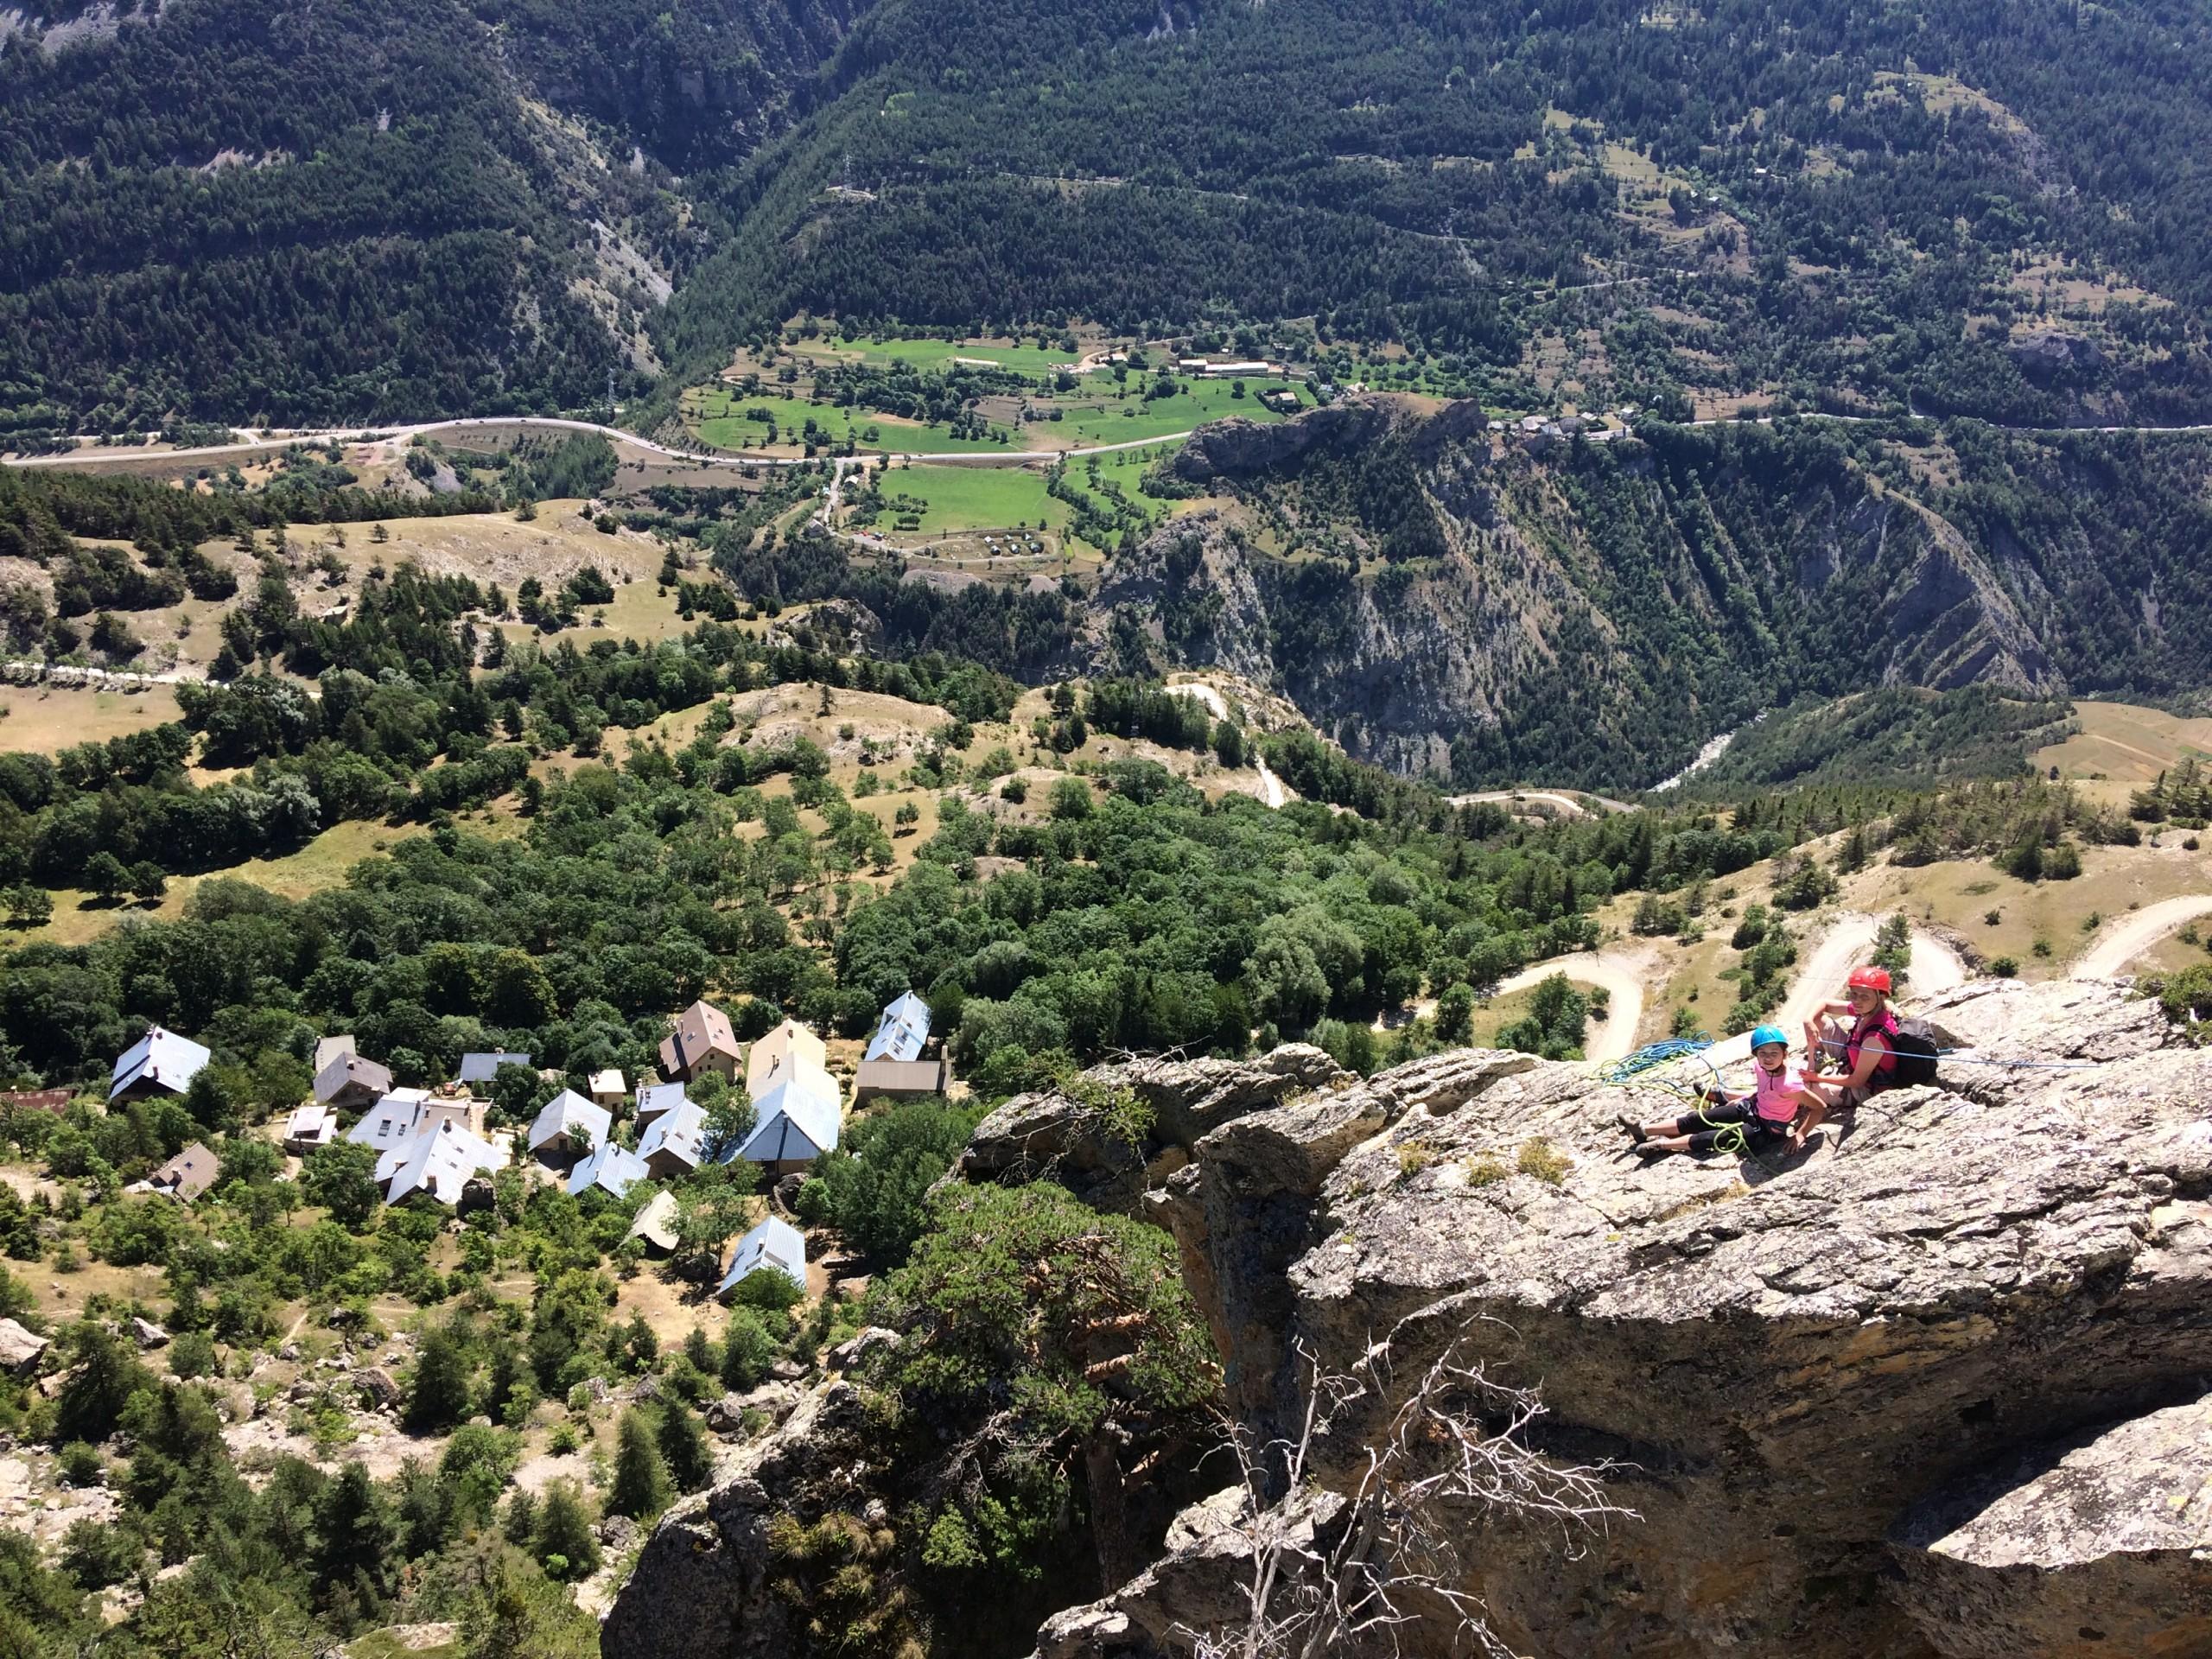 Eperon de bouchier et sa vue sur l a vallée de la Durance proche de Briançon